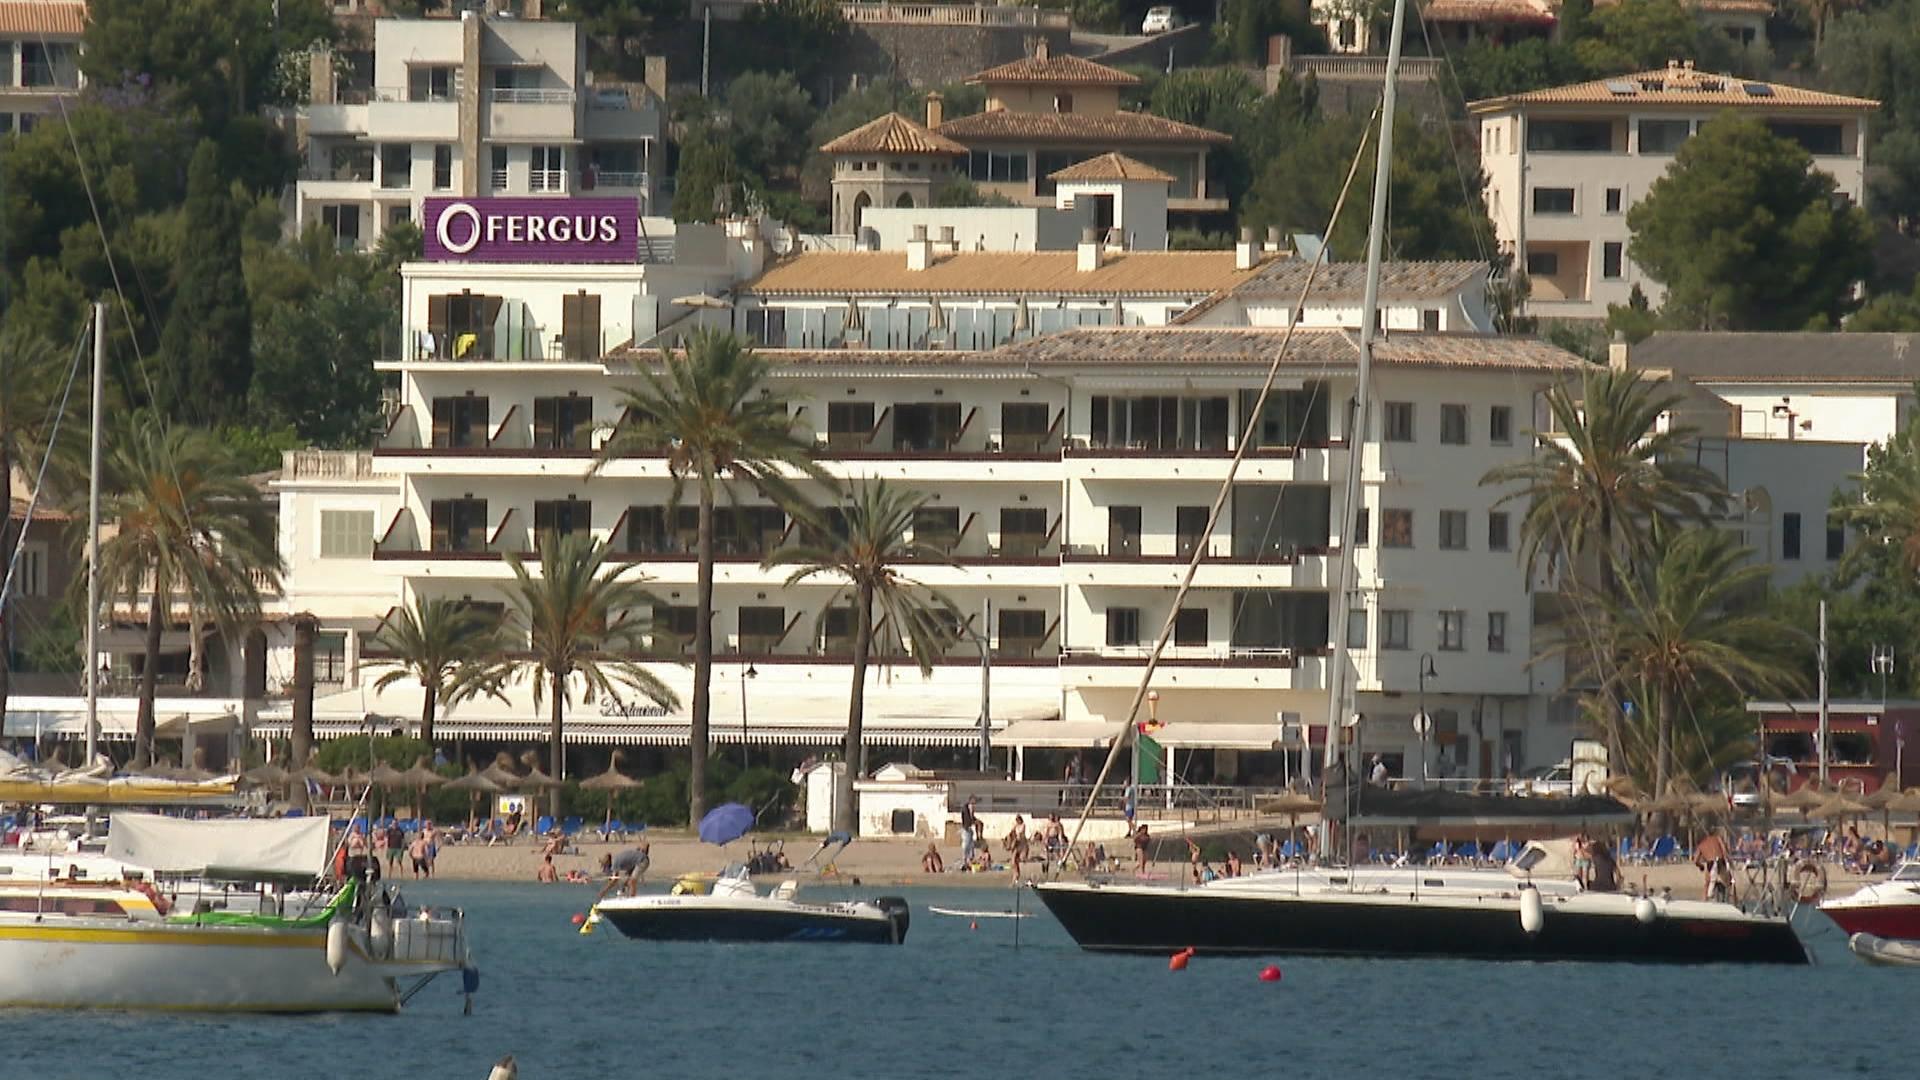 Obre+la+meitat+de+la+planta+hotelera+de+Mallorca+amb+l%27esperan%C3%A7a+que+augmenti+l%27ocupaci%C3%B3